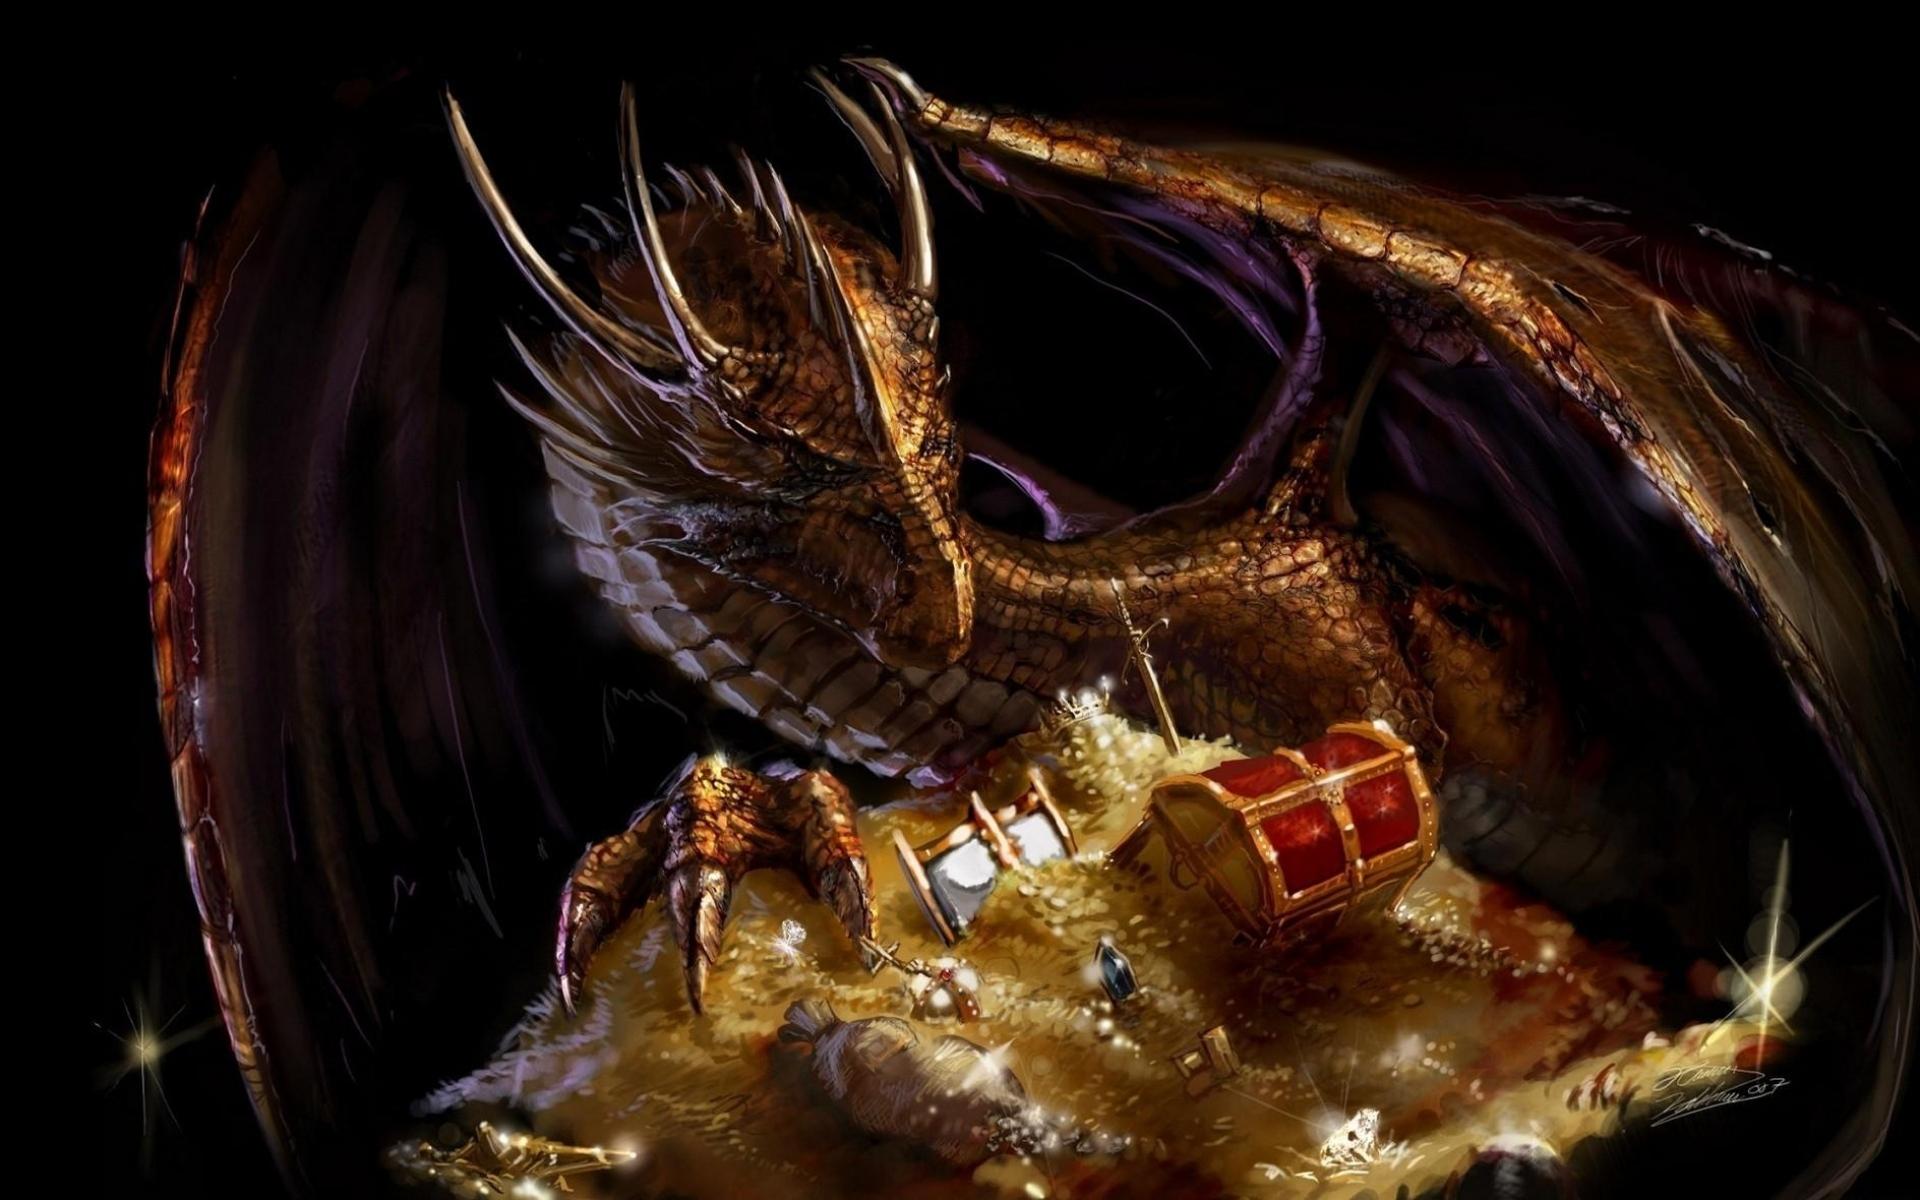 картинки пещеры с золотом драконе чертежи для обустройства